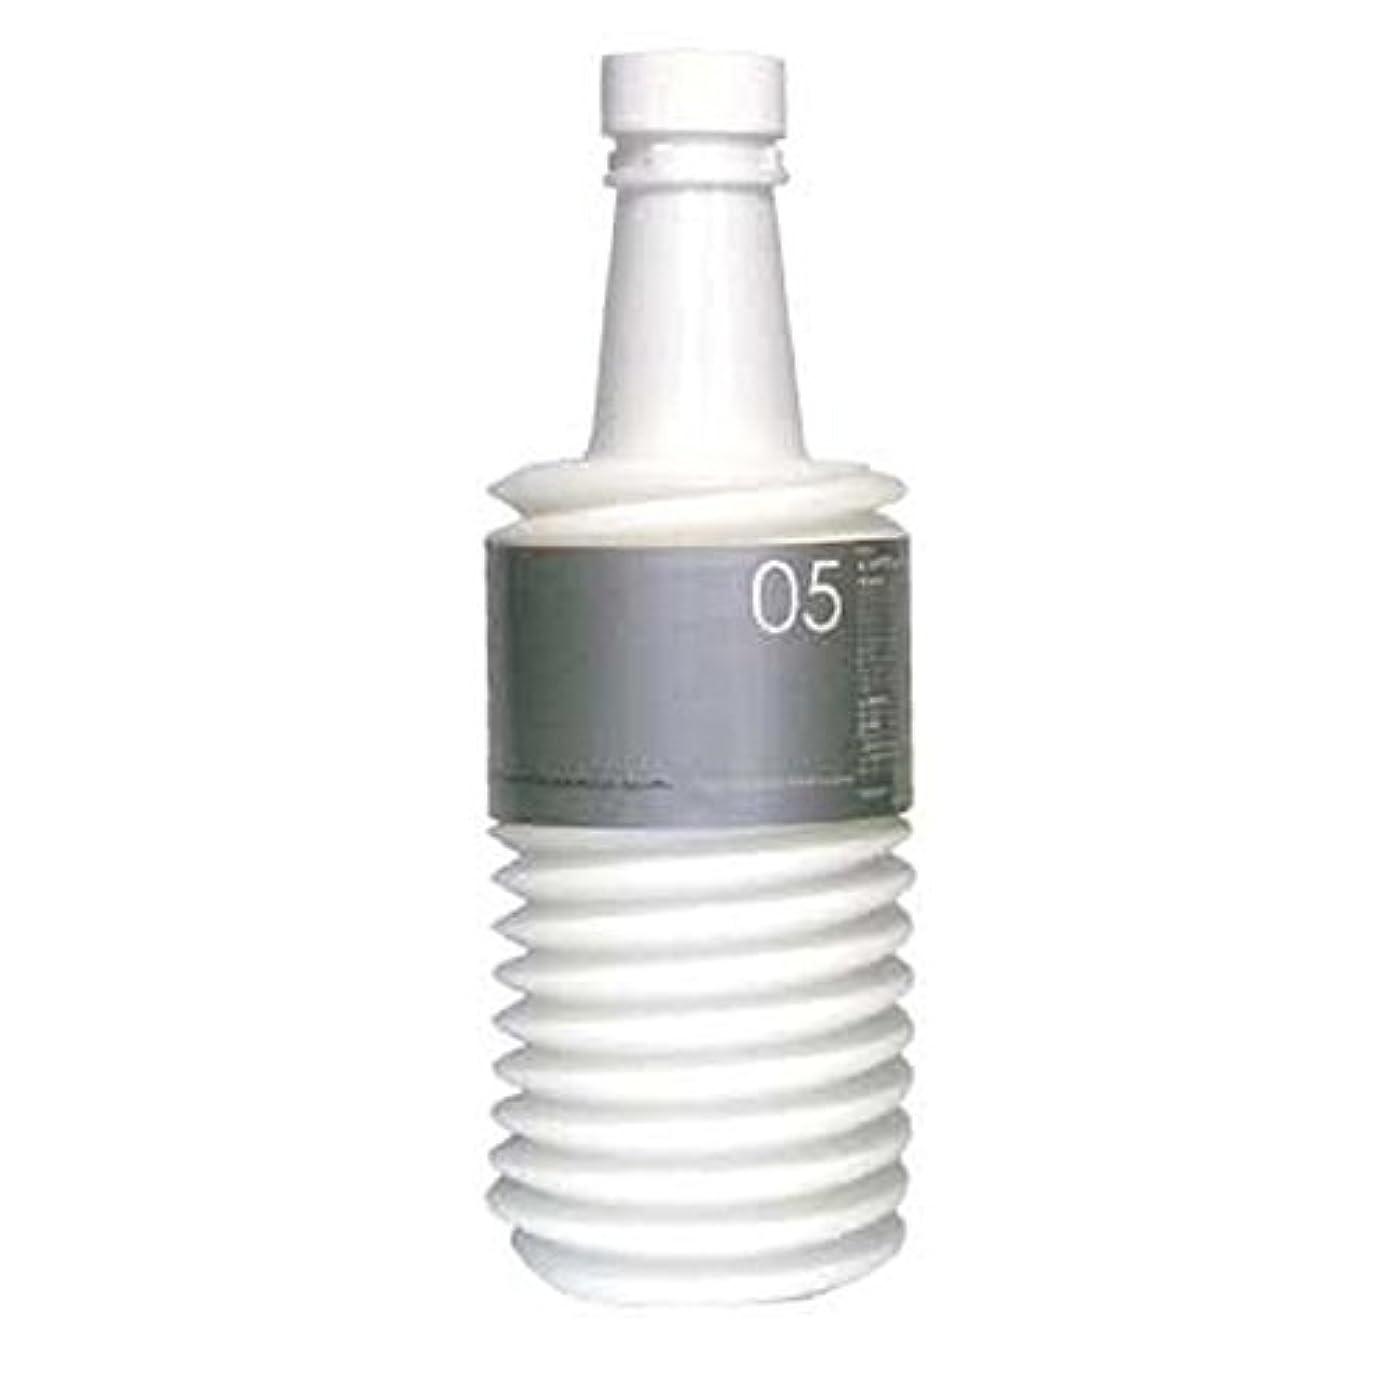 フルート掃除協力するムコタ アデューラアイレ05 ヘアマスクトリートメントスムーサー 700g